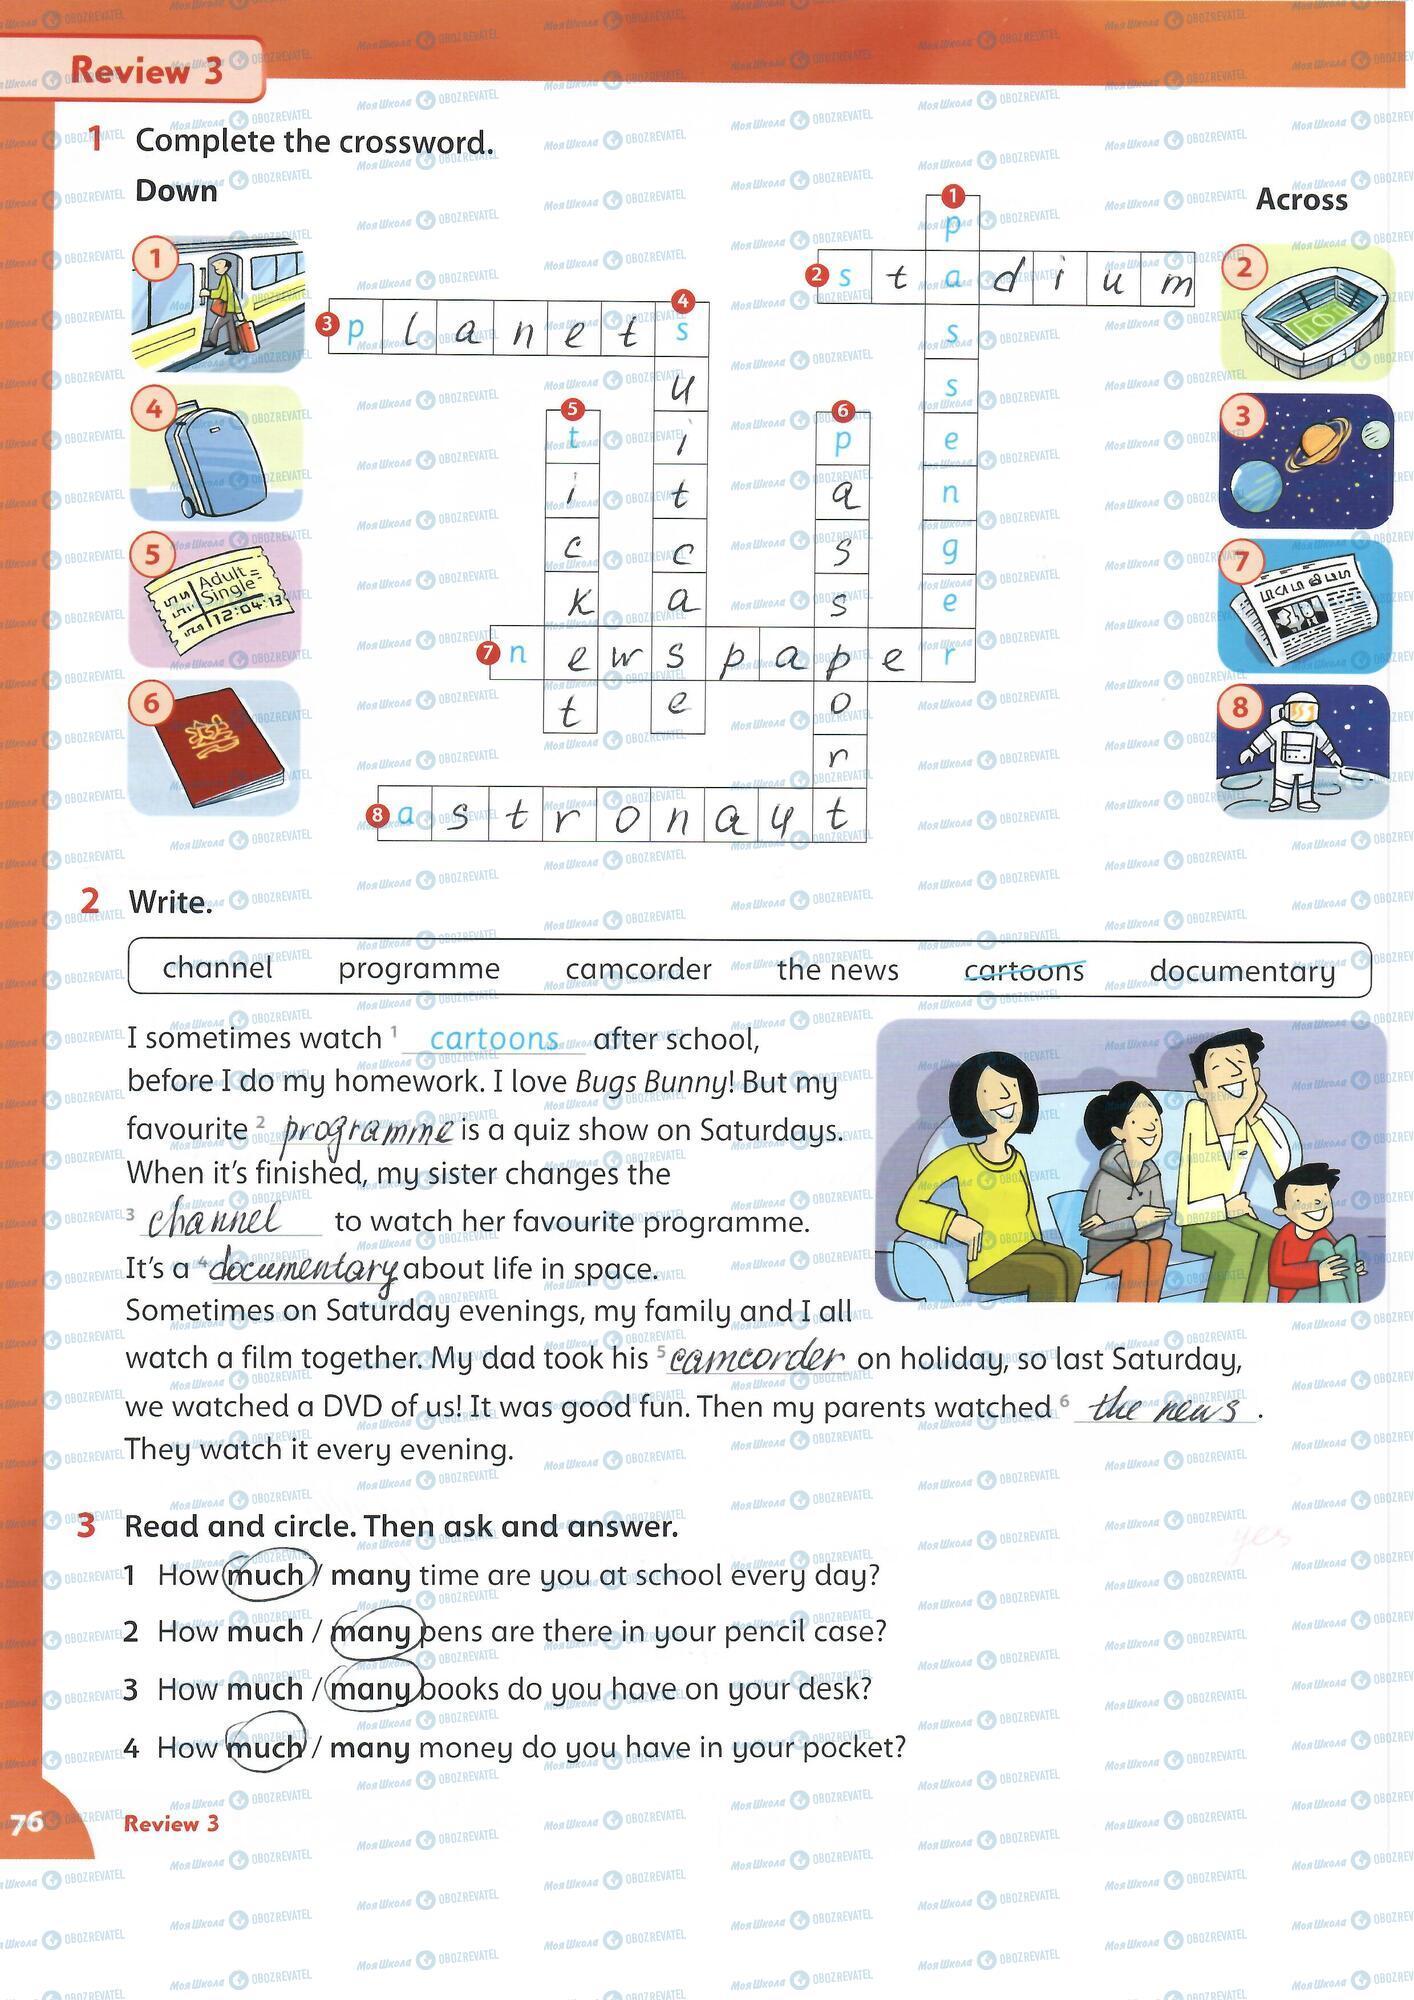 ГДЗ Англійська мова 4 клас сторінка 76